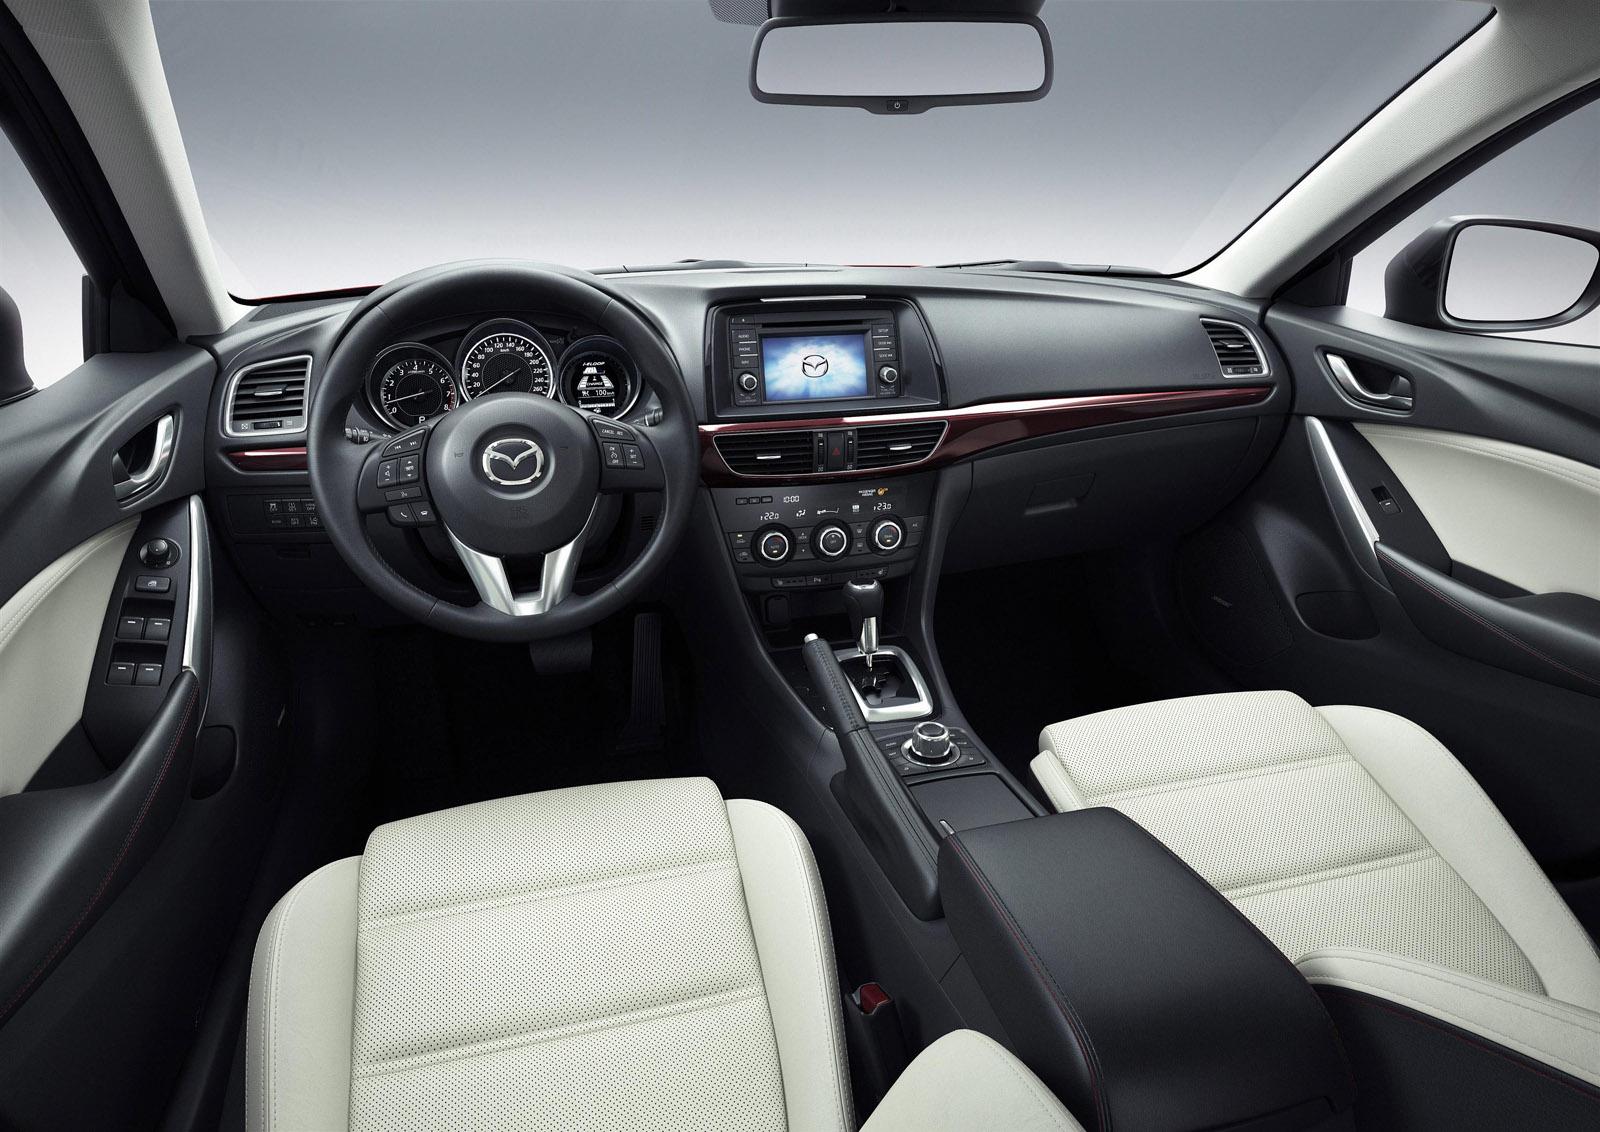 1908_588666_Mazda6_Sedan_2012_interior_01